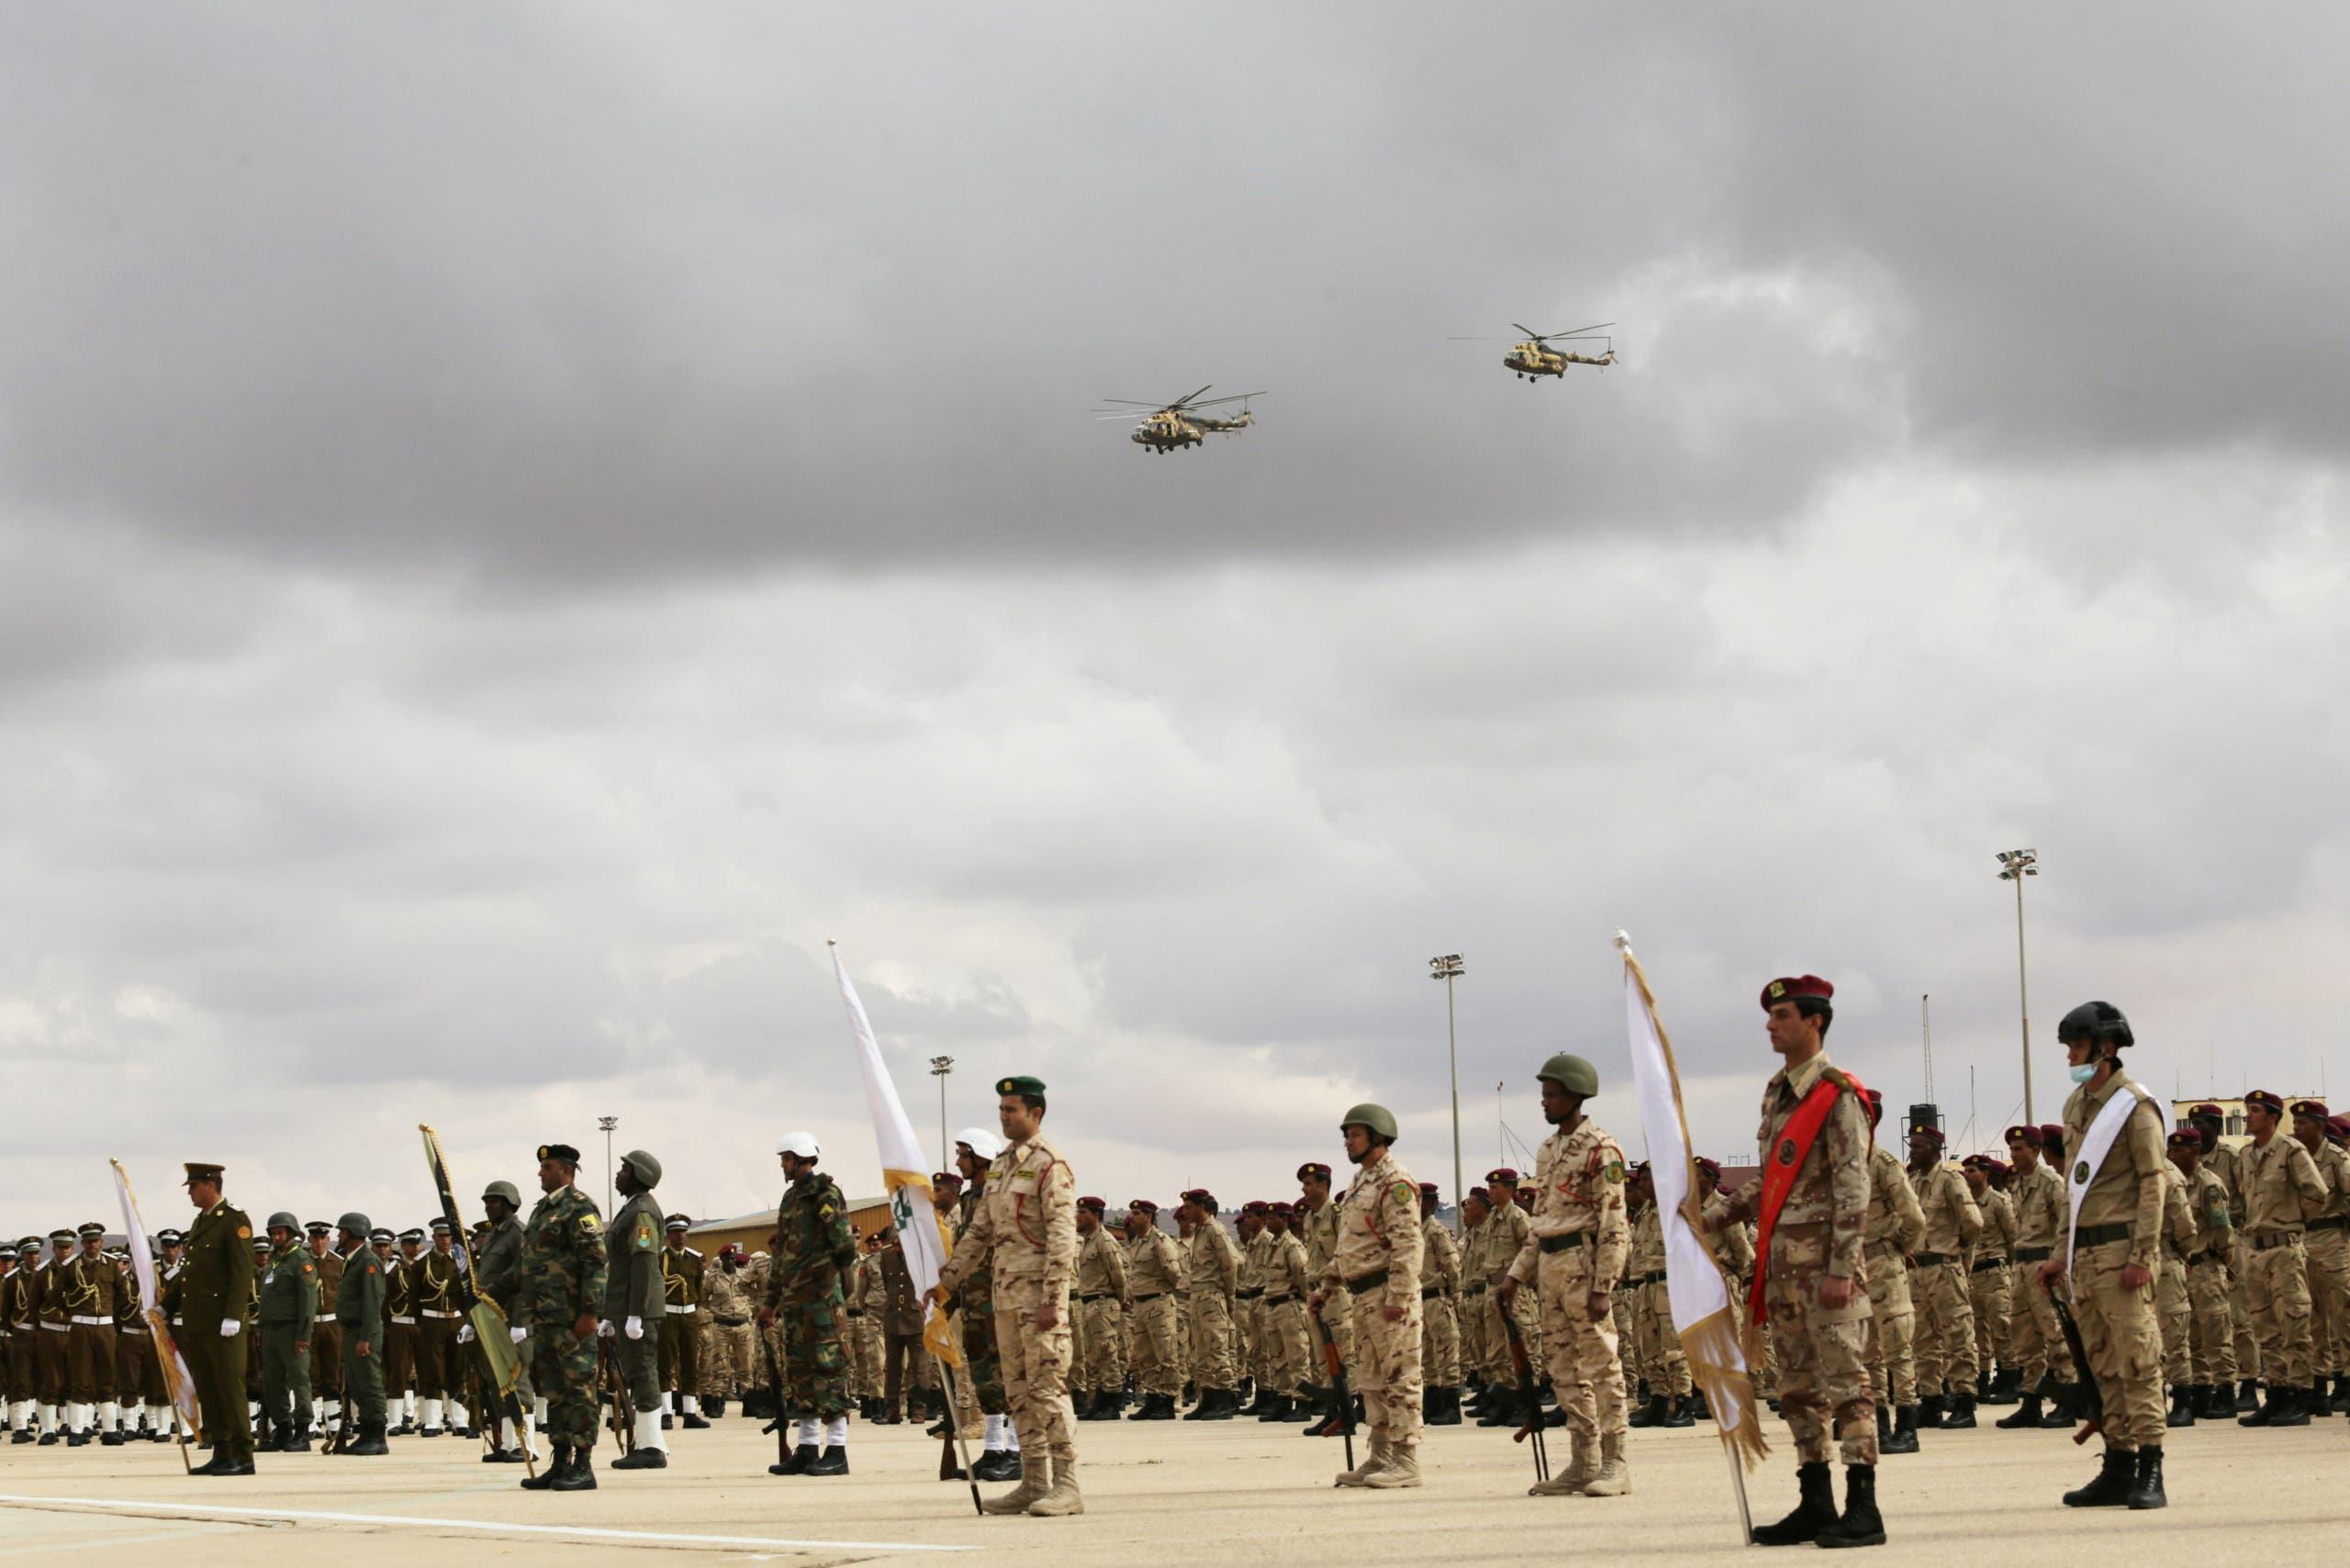 جنود في الجيش الوطني الليبي خلال استعراض في بنغازي في ديسمبر الماضي